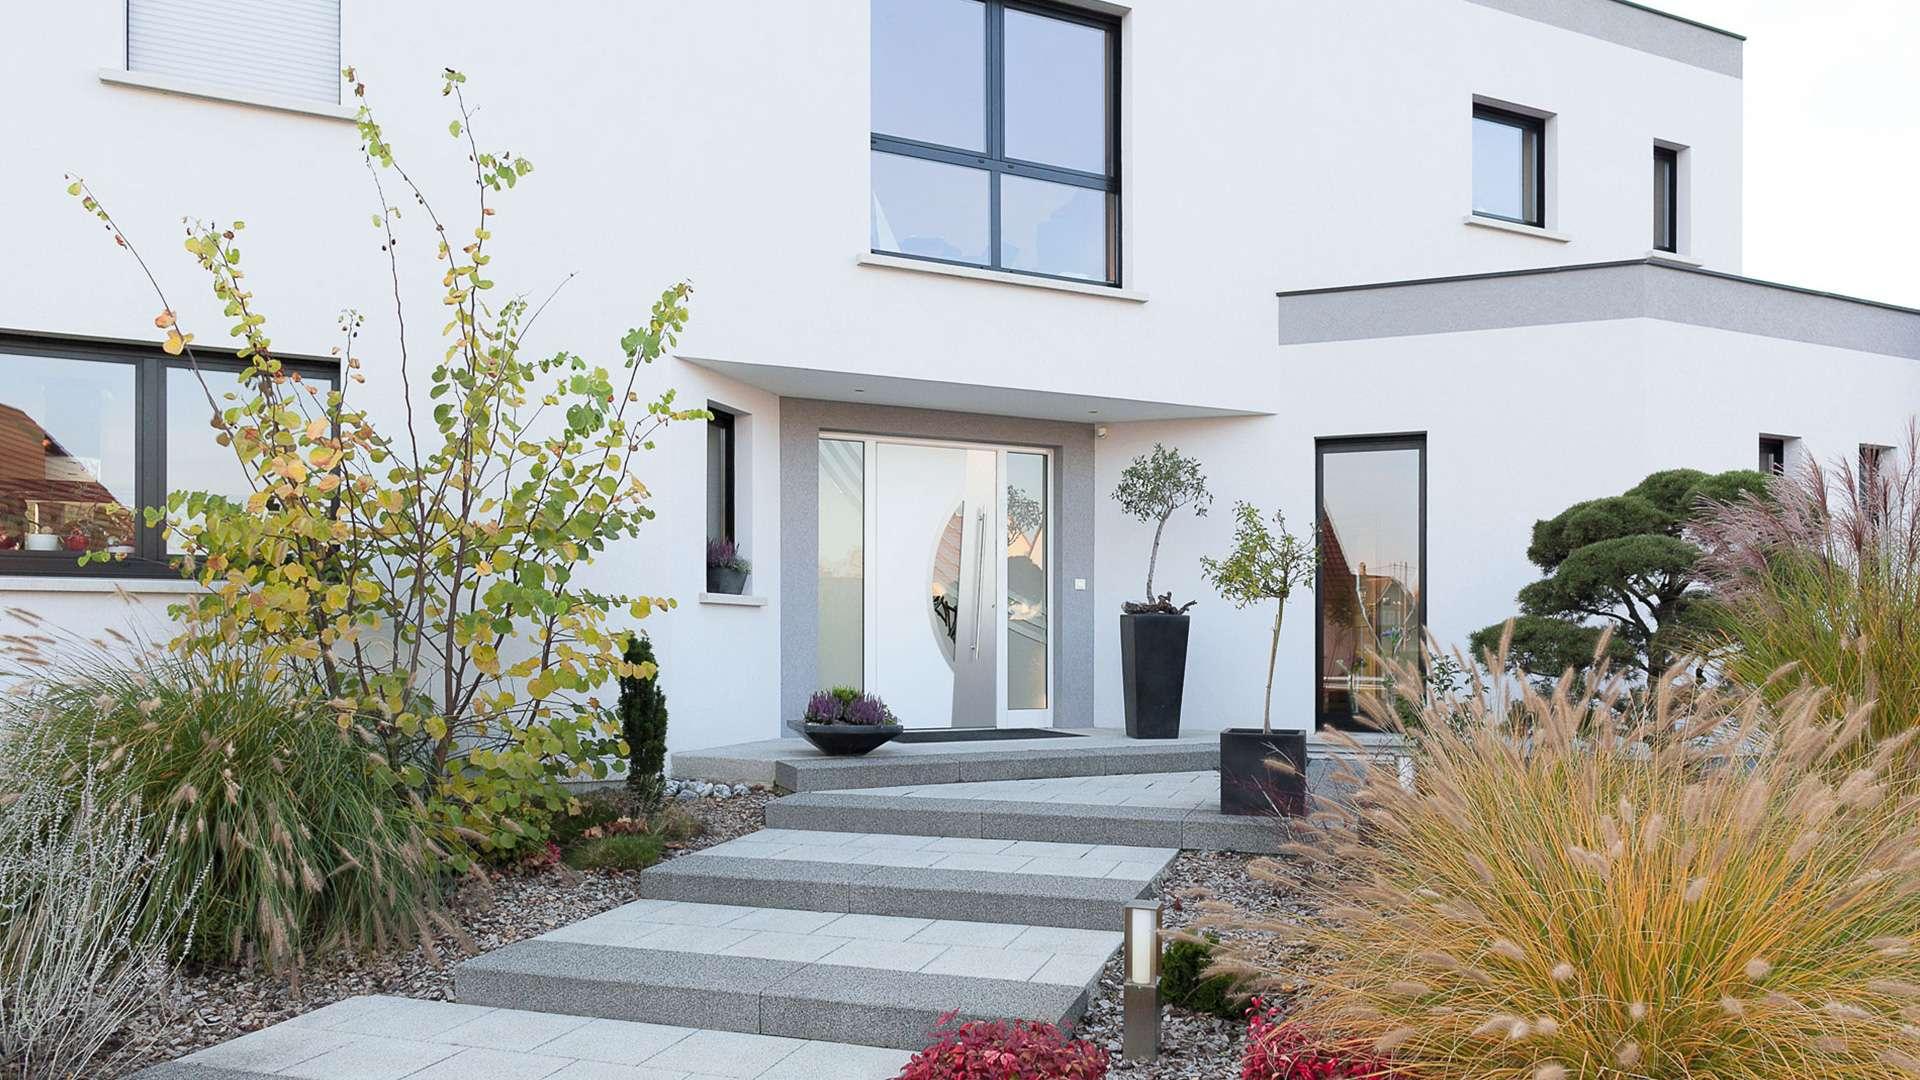 weiße Aluminium-Haustür mit Glaselementen auf beiden Seiten in einem weißen Haus